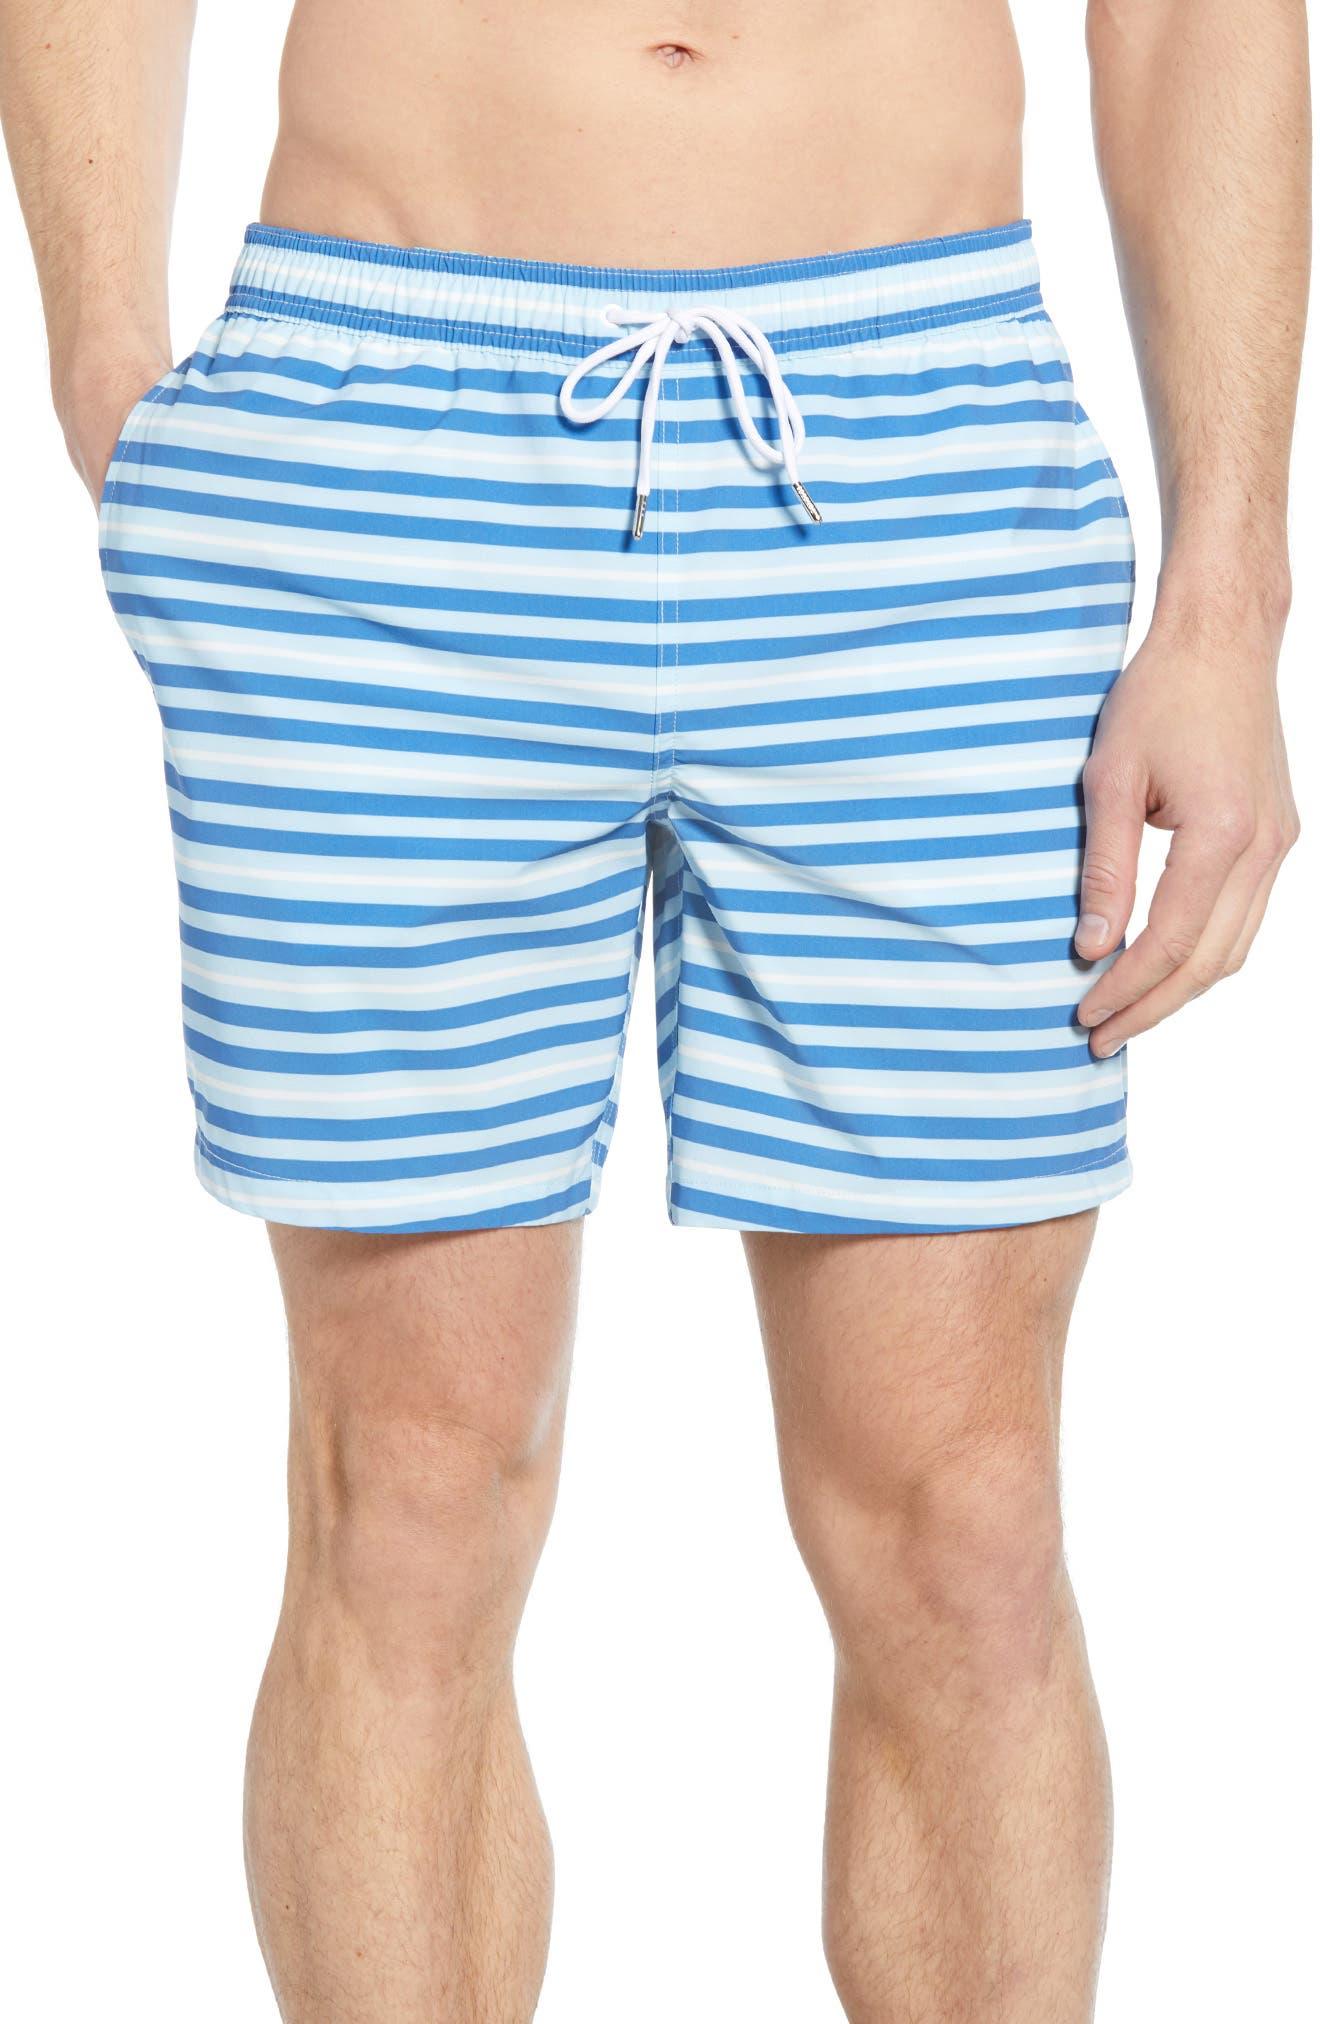 Bonobos E-Waist Stripe 7-Inch Swim Trunks, Blue